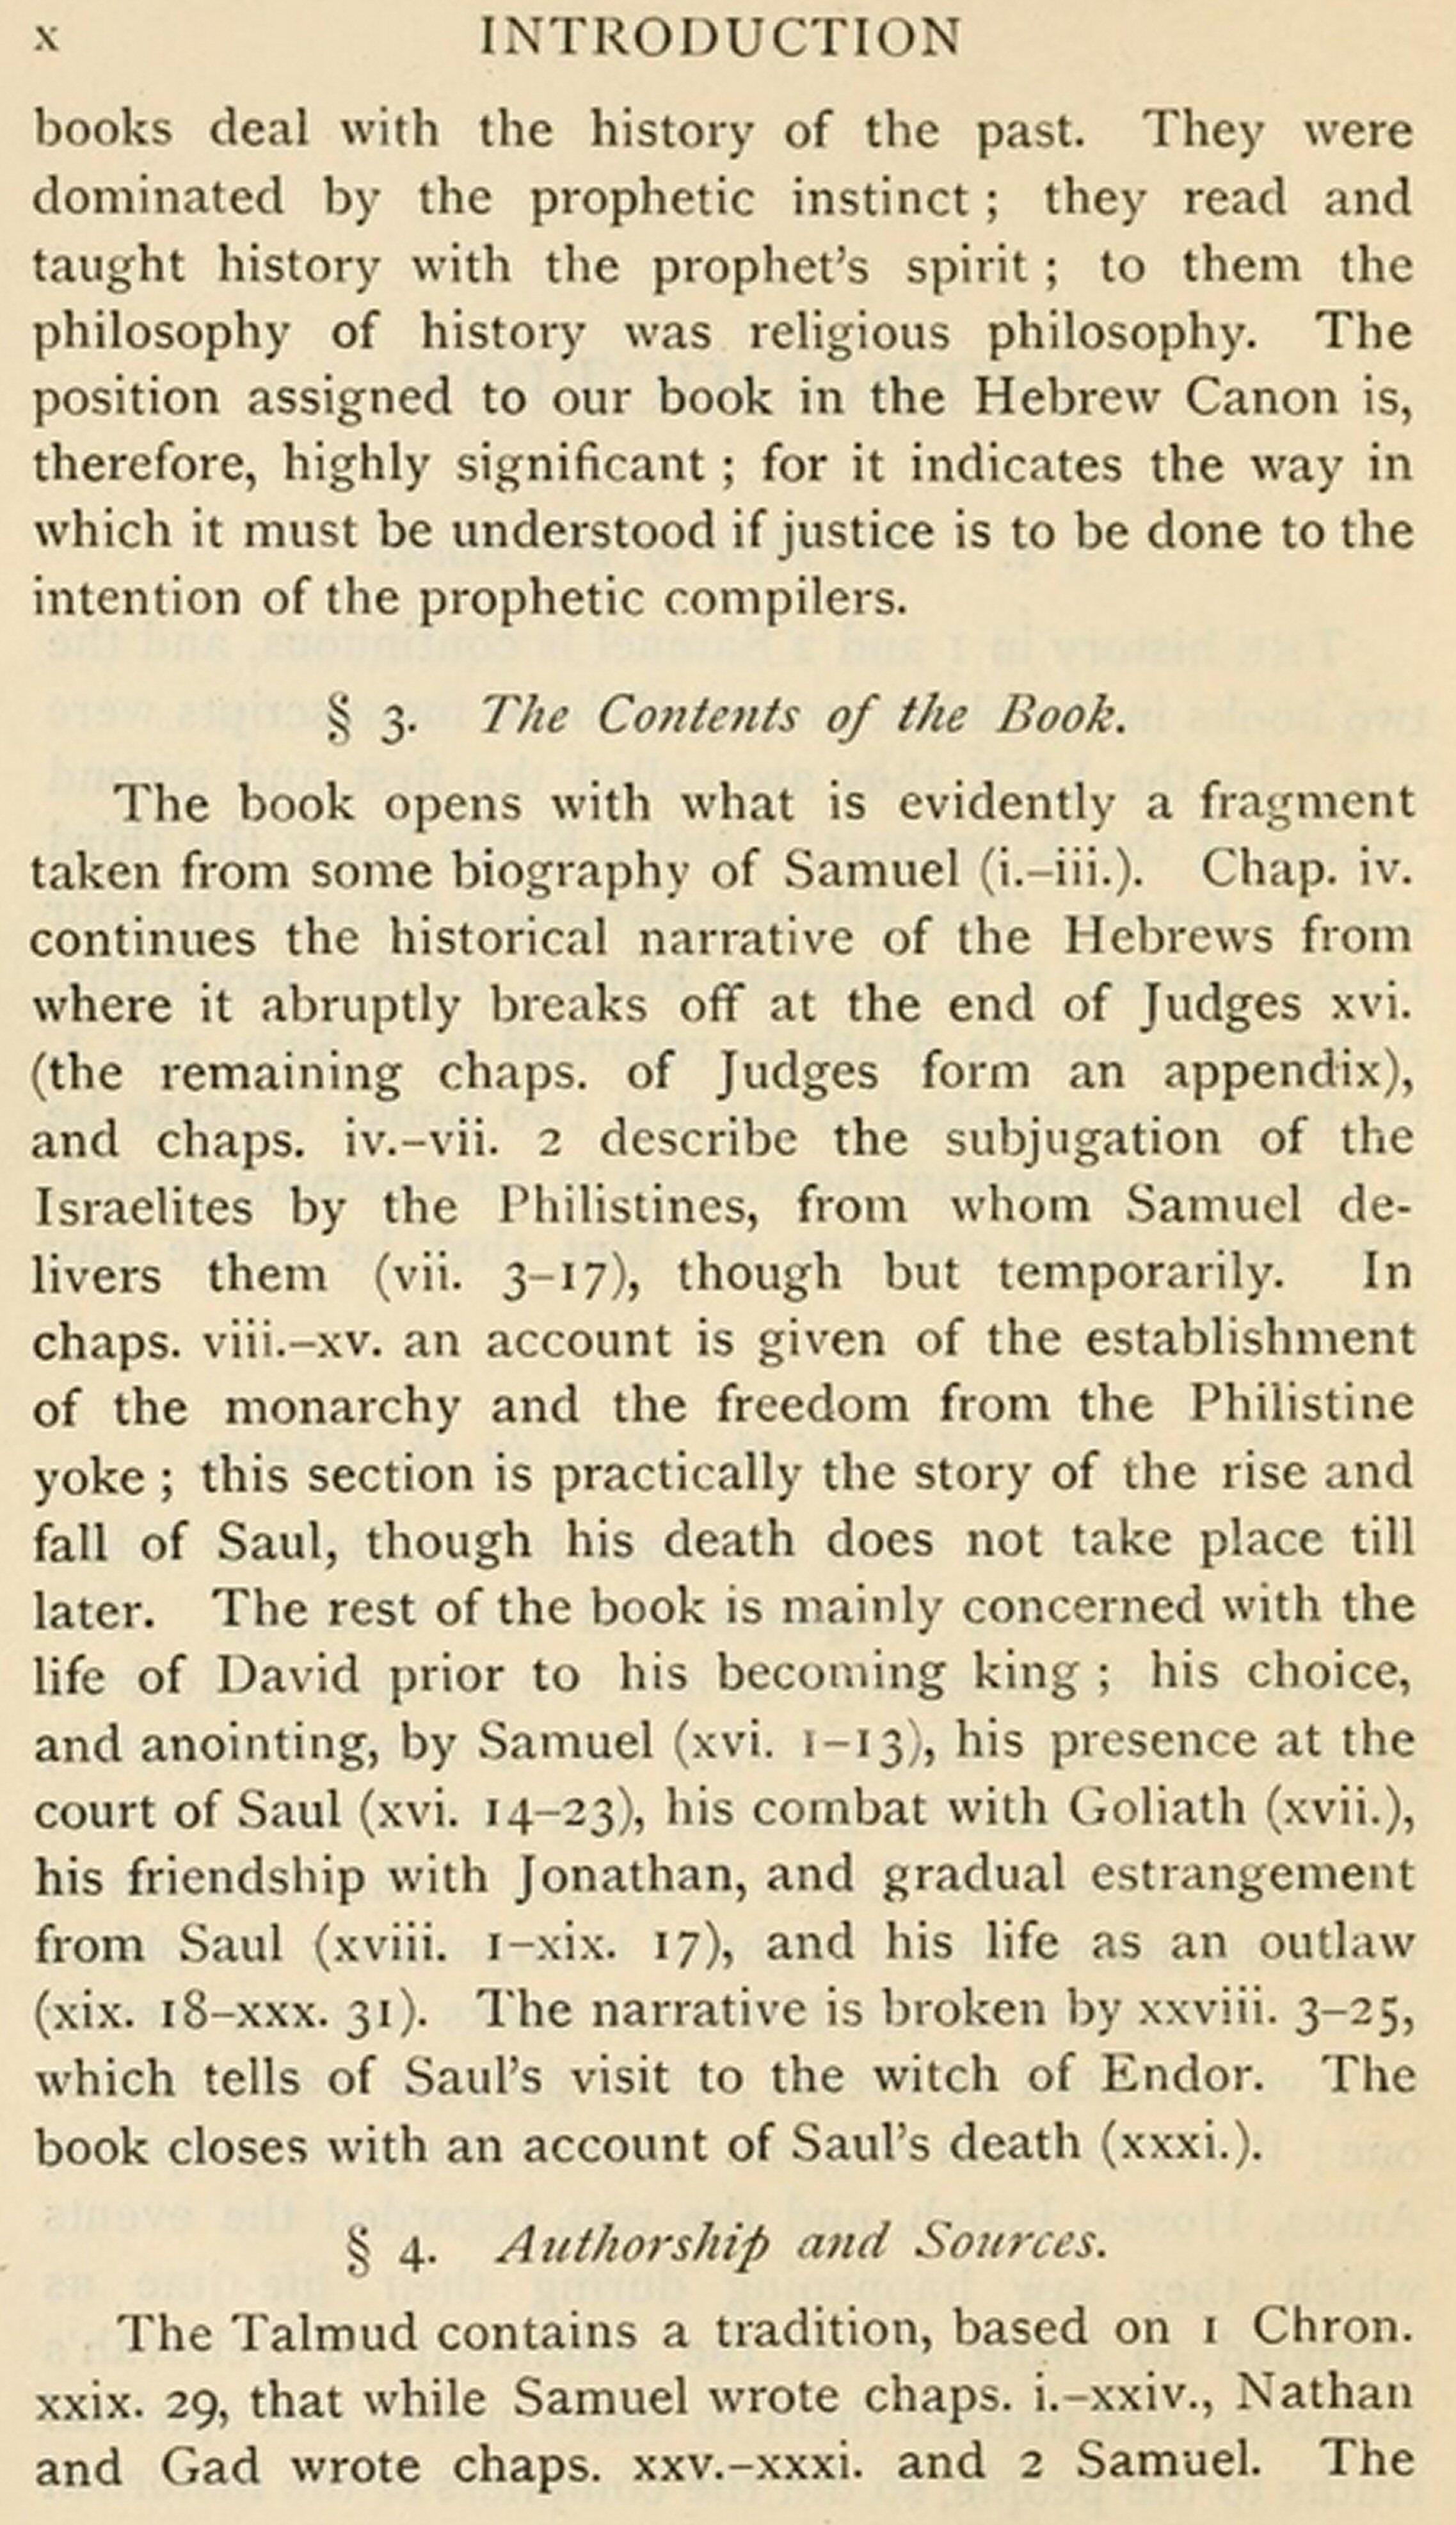 Book of Samuel